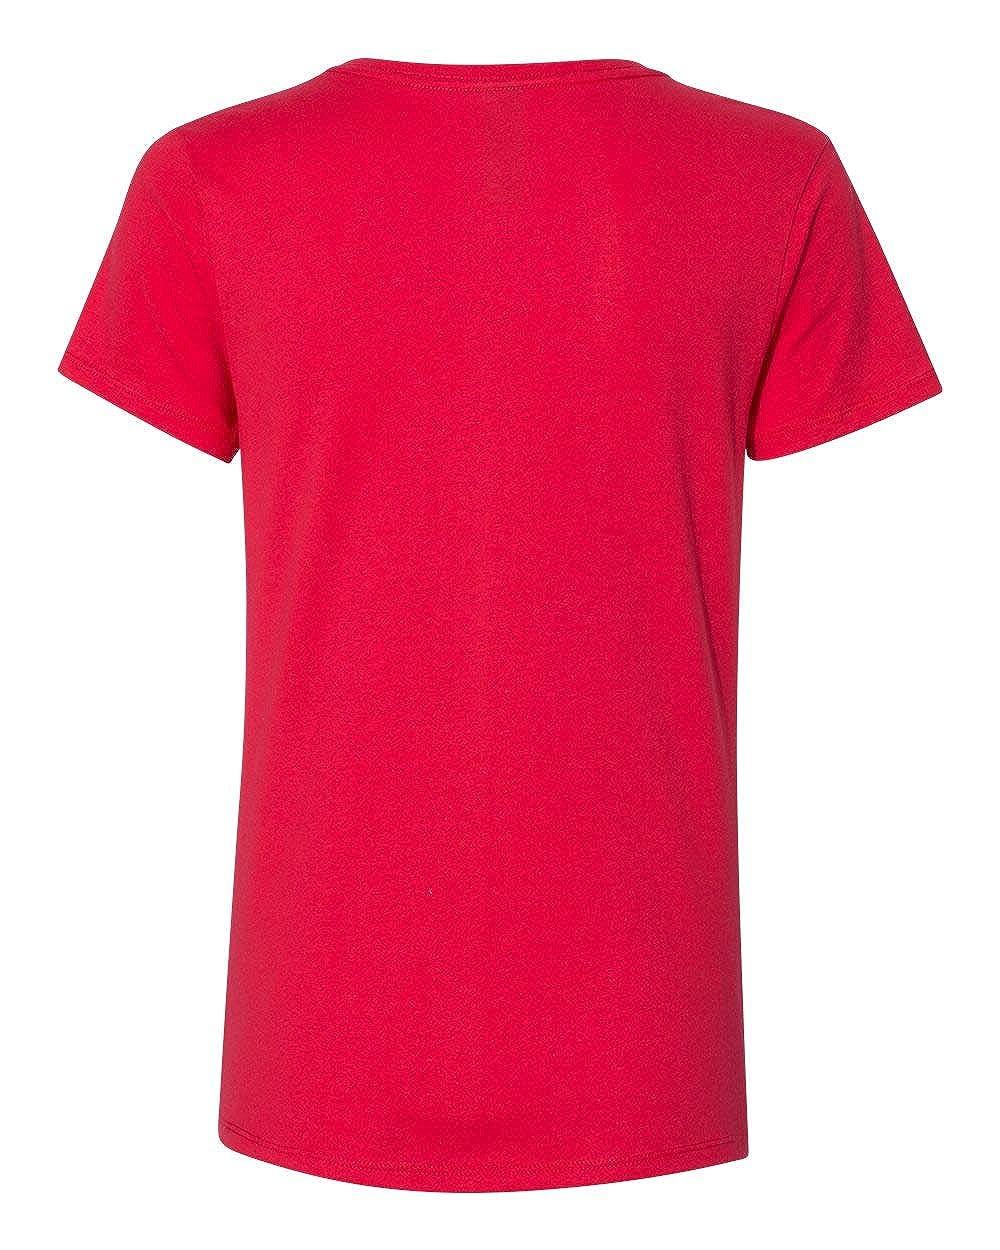 Hanes Womens Nano-T V-Neck T-Shirt